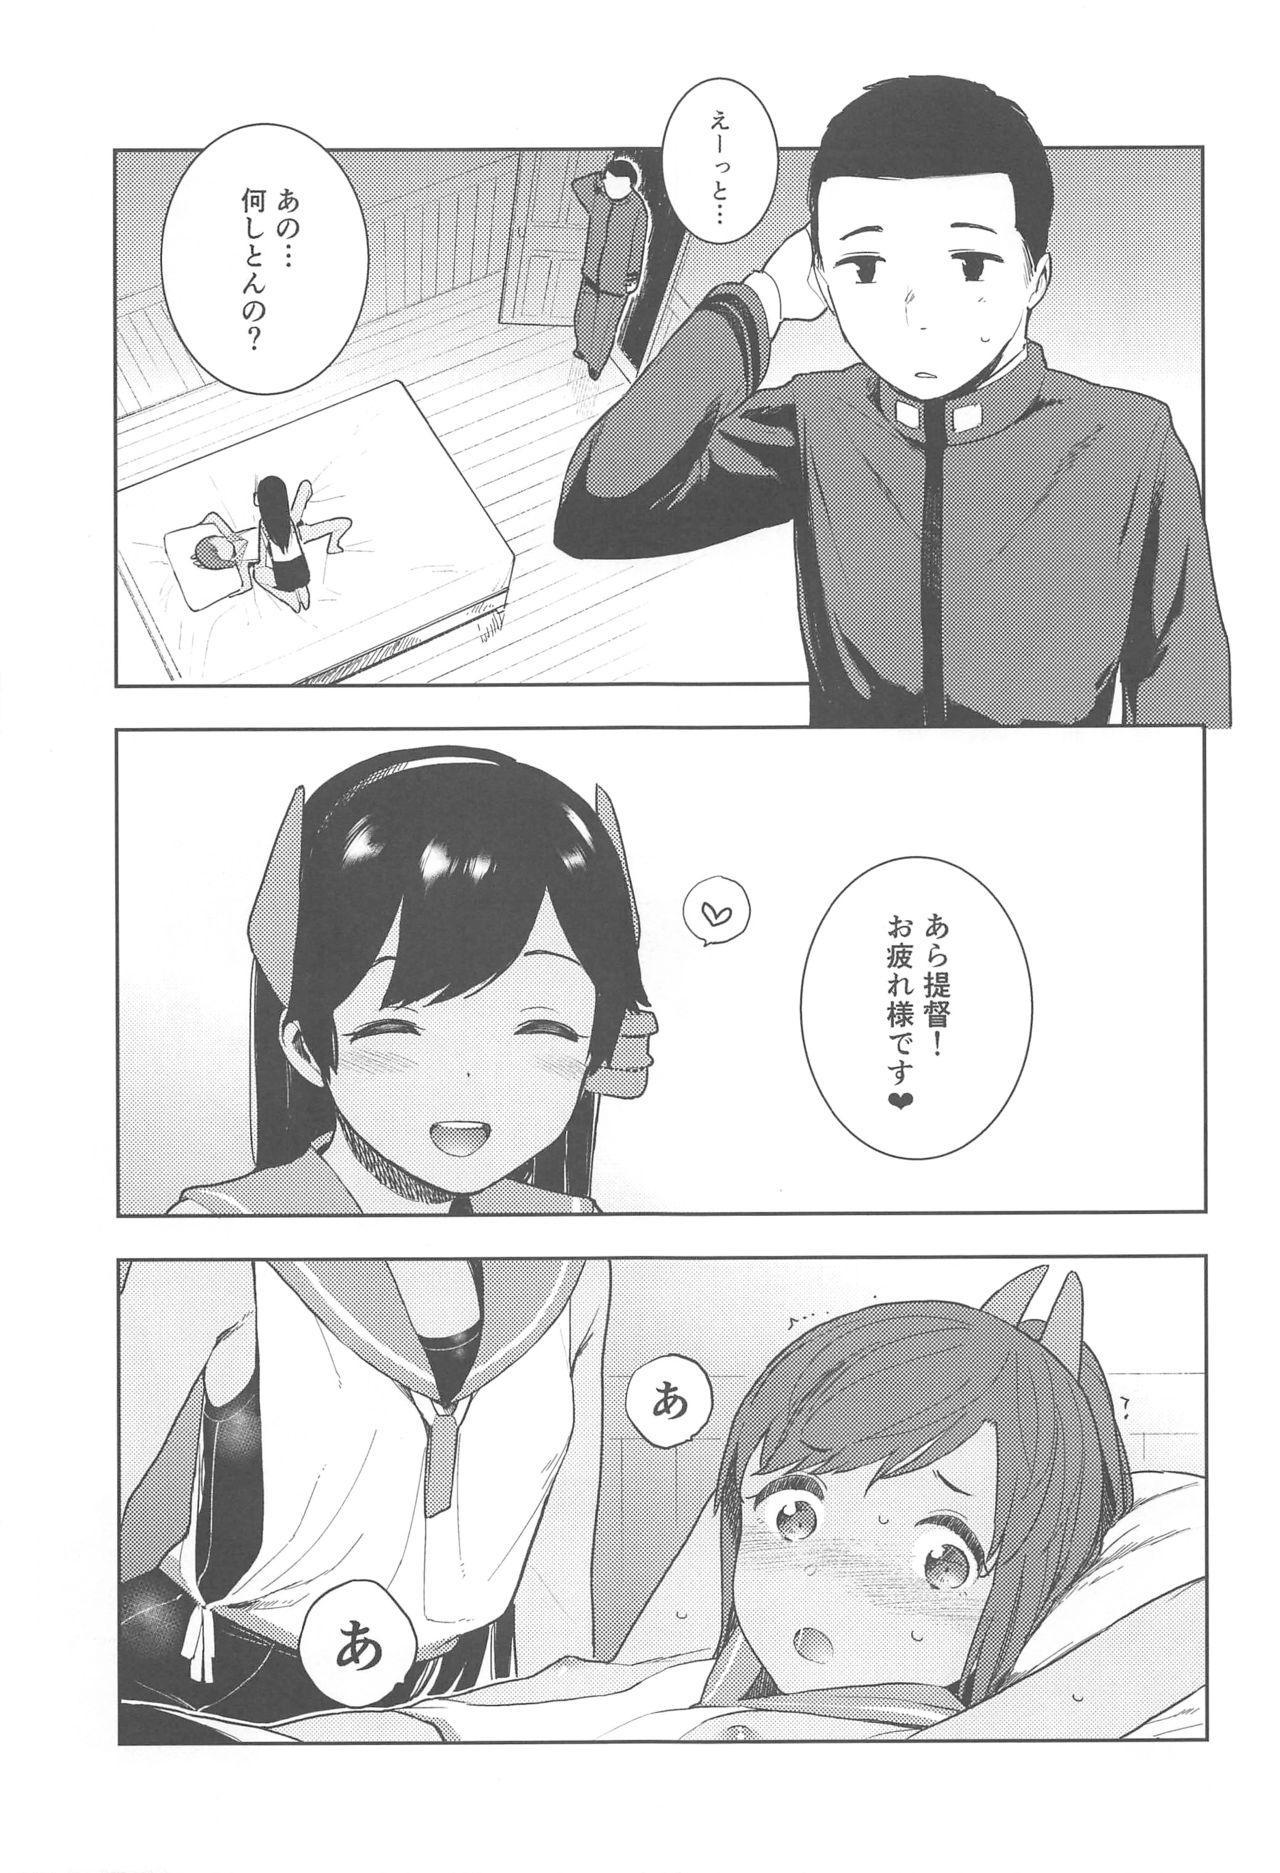 (COMIC1☆13) [Sashimi no Wife (Shiden)] I-400-gata no Himitsu (Kantai Collection -KanColle-) 9